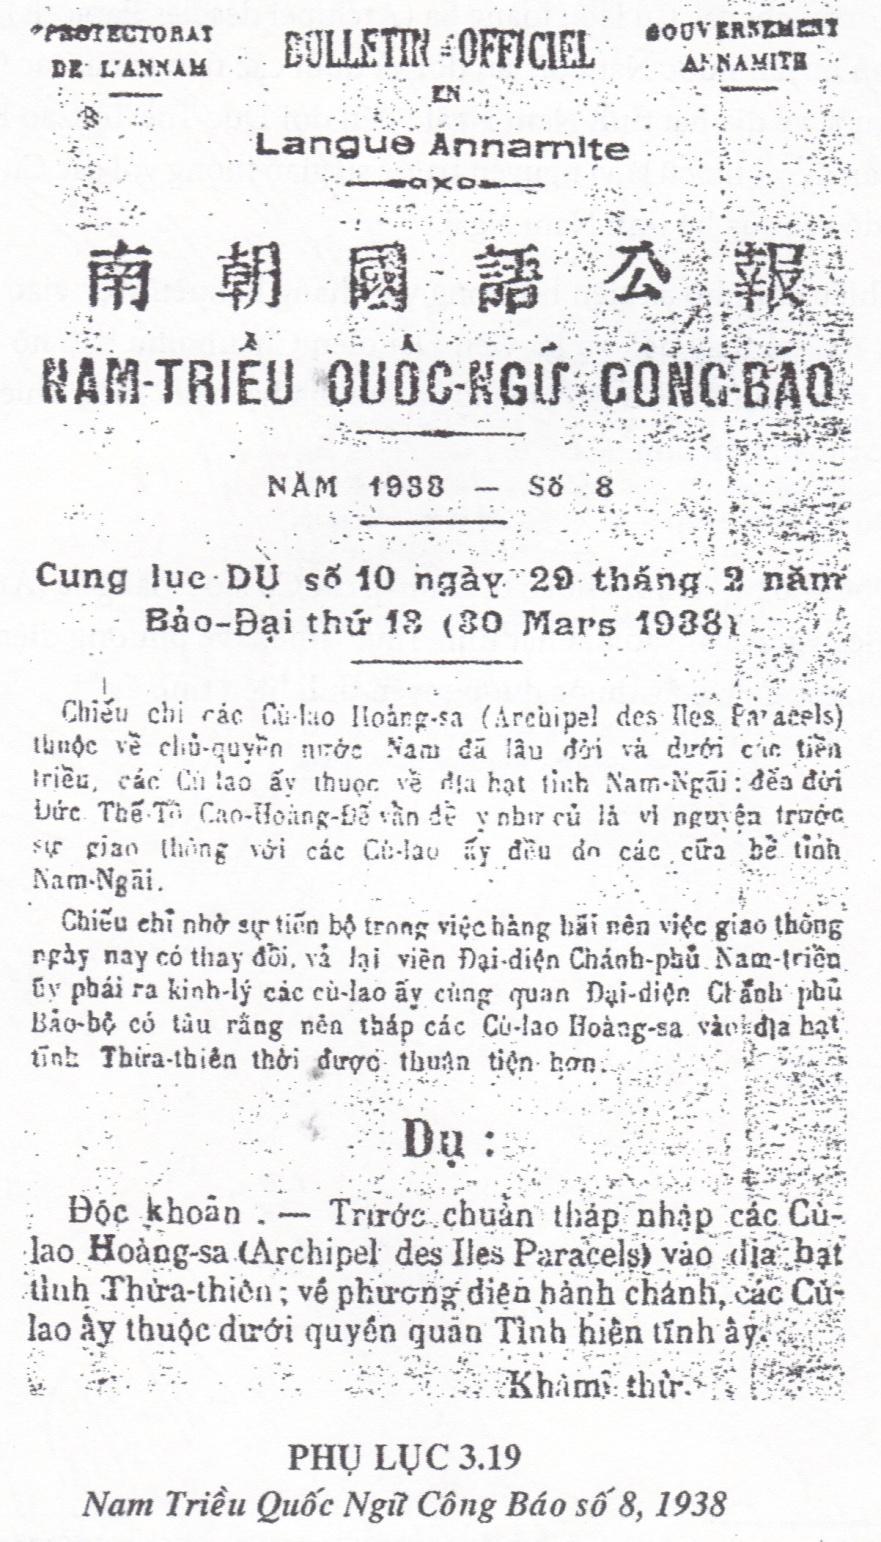 Công báo Hoàng Sa 1933.JPG